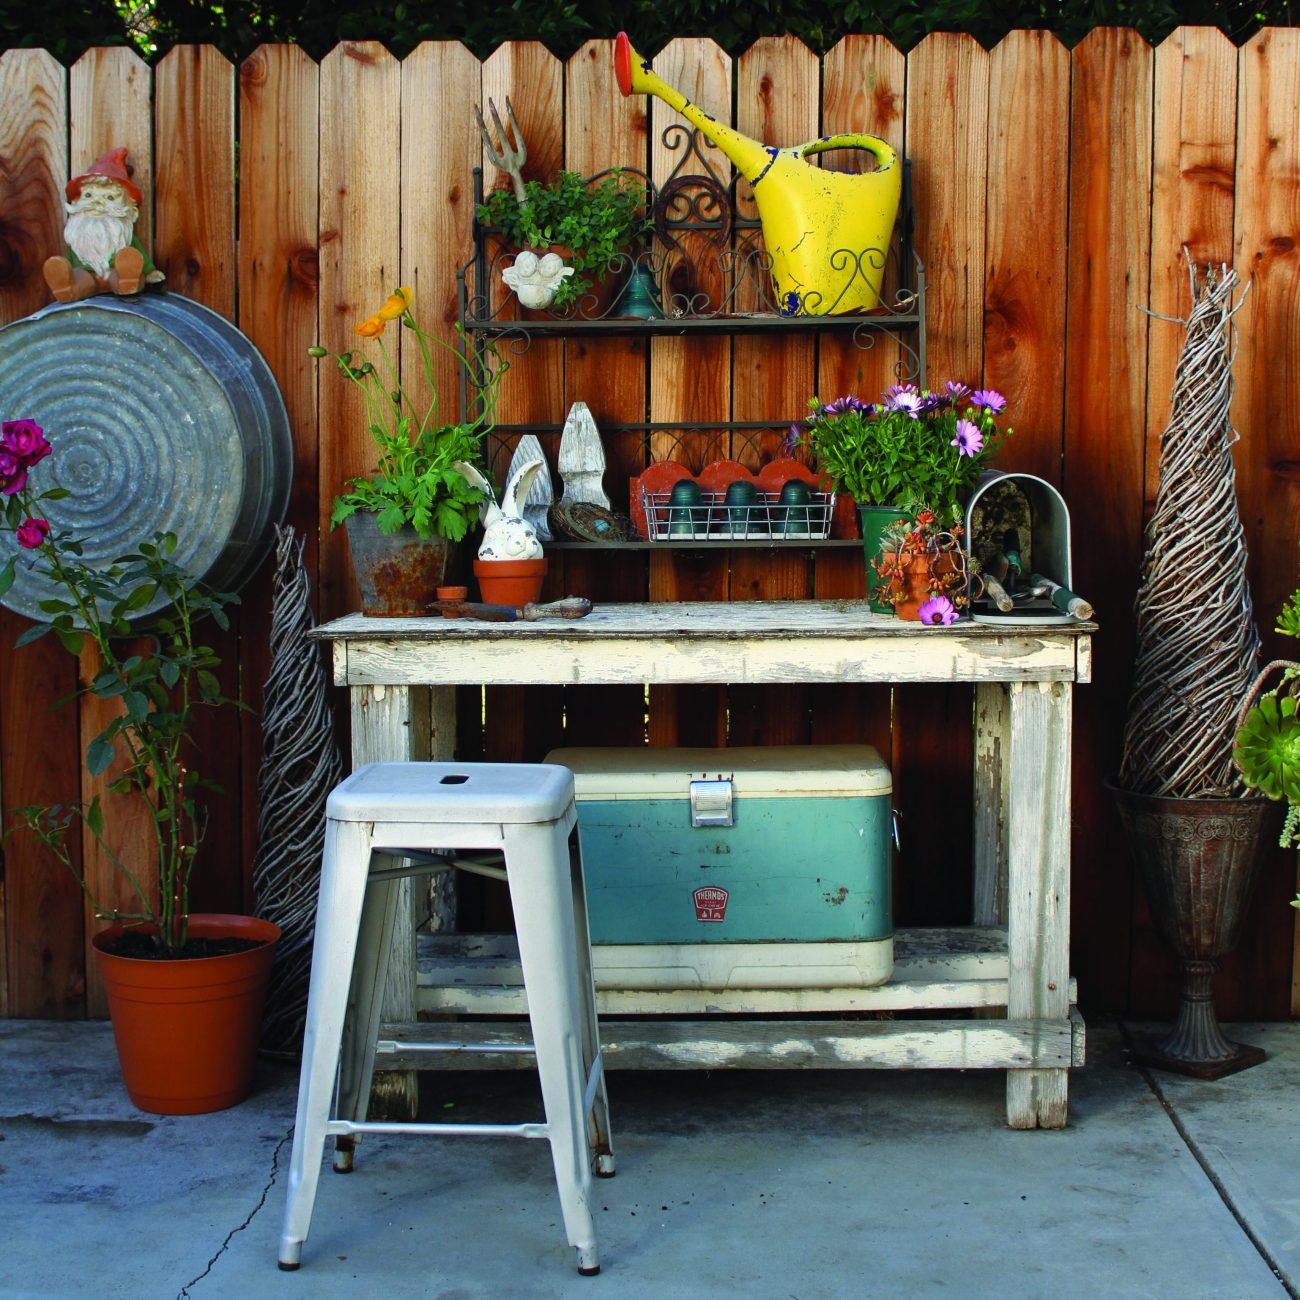 Tour A Cozy Creative Garden